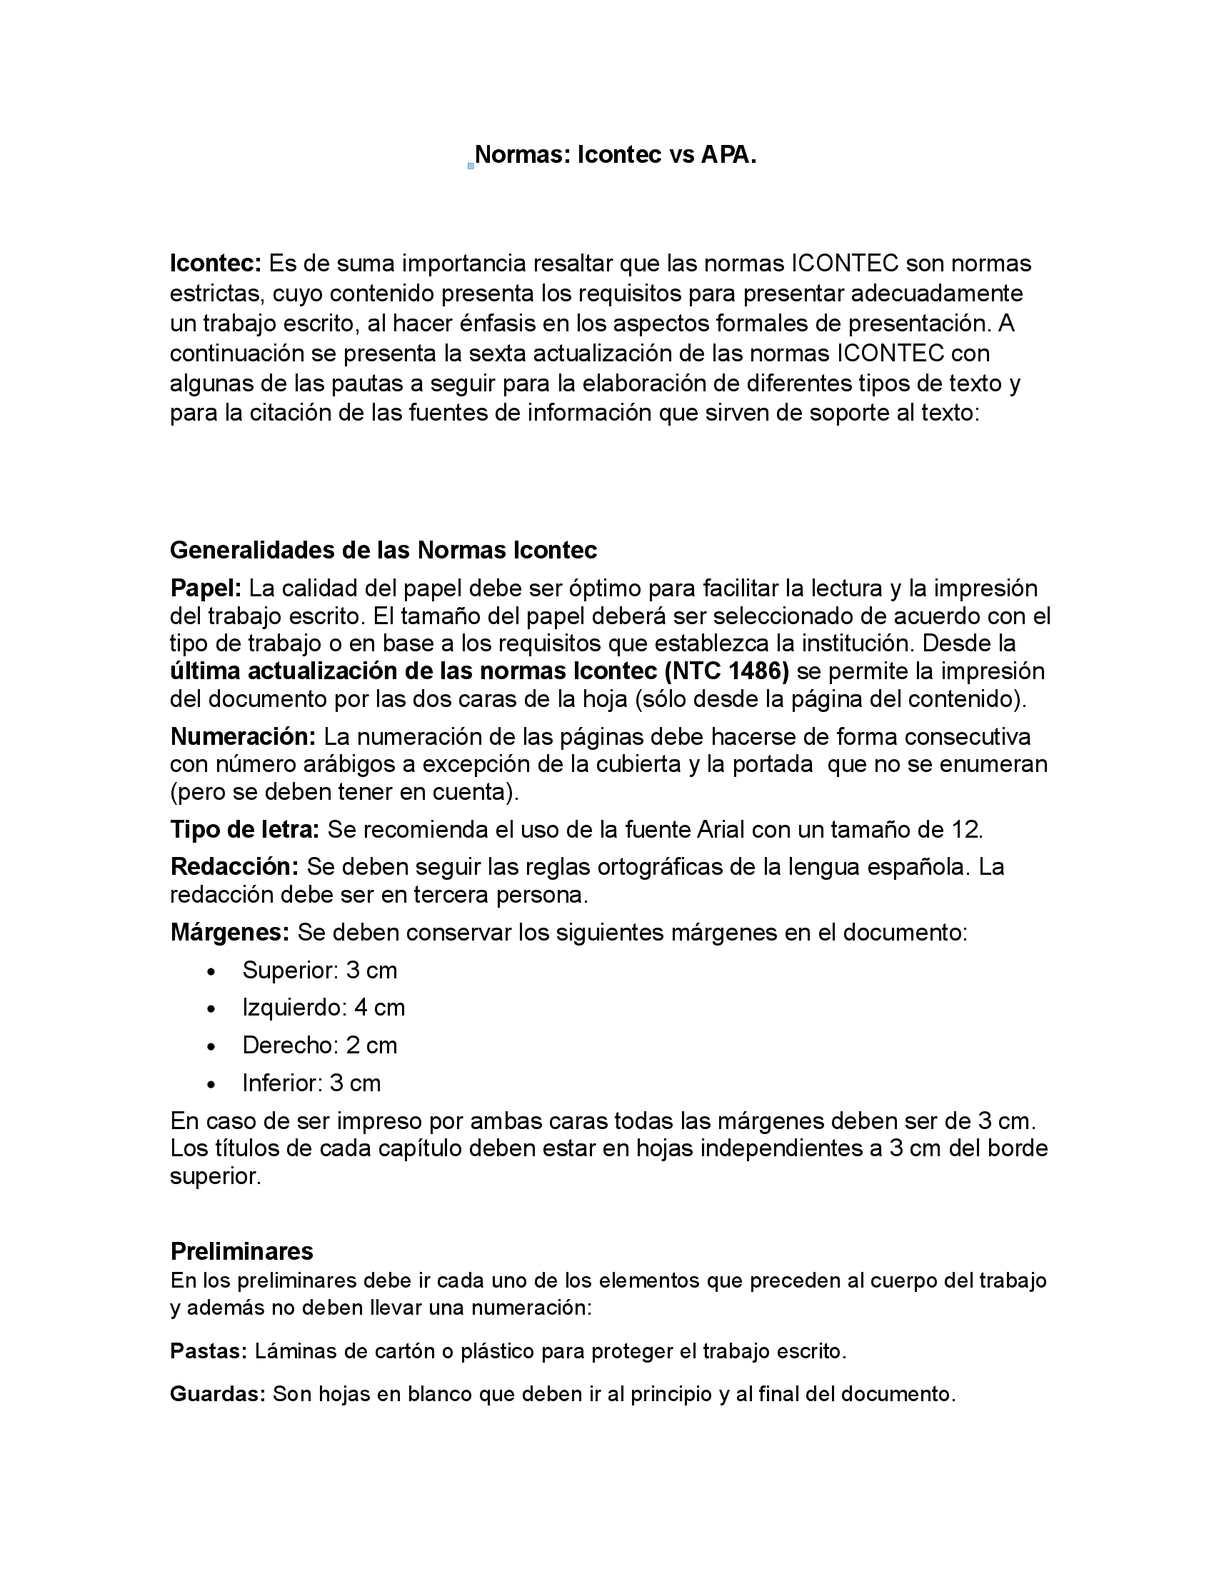 Calaméo - normas Icontec vs APA.